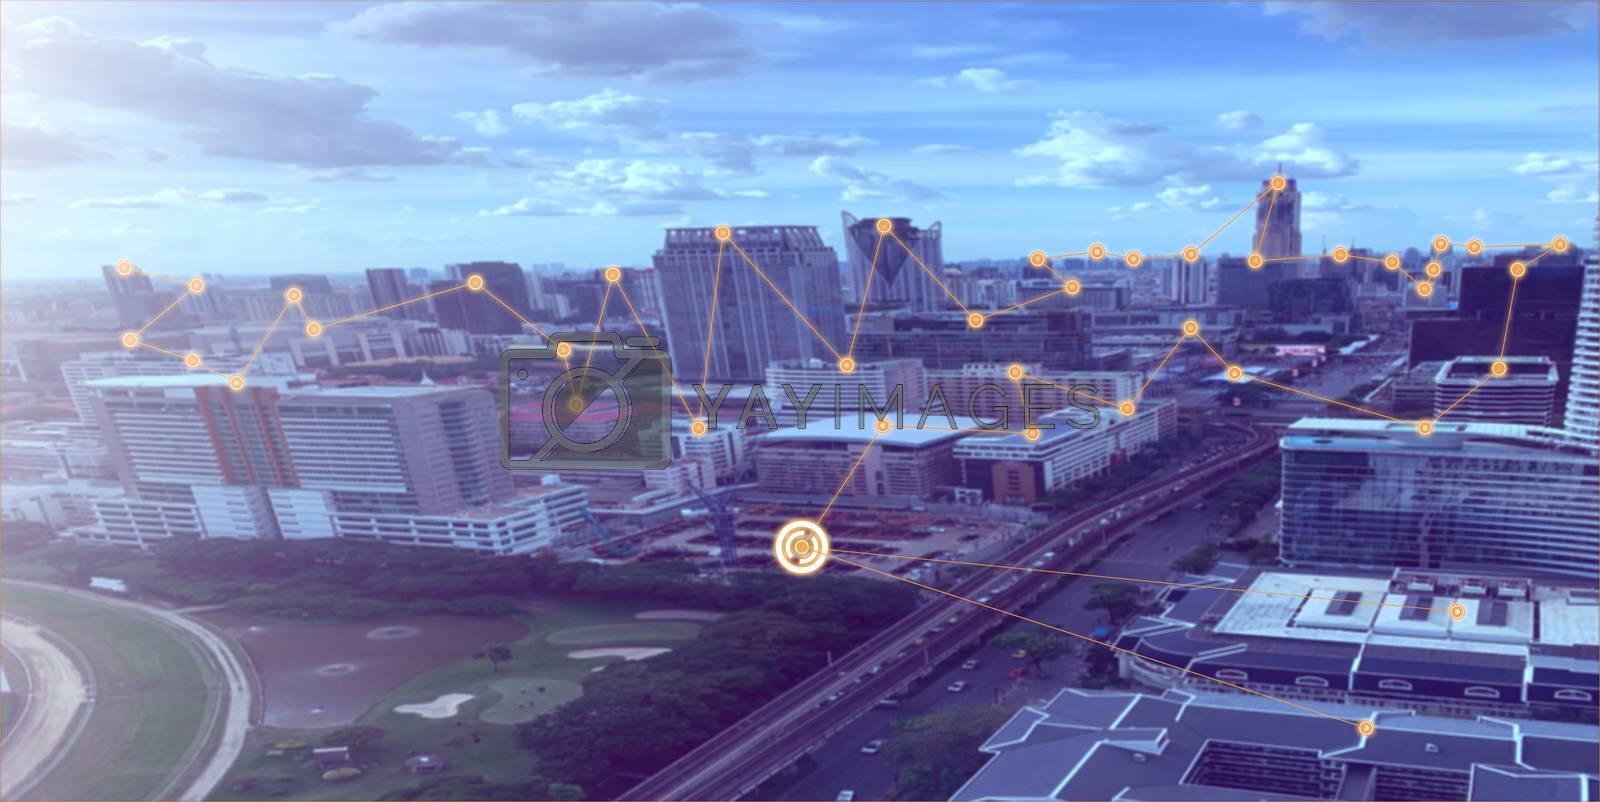 Panorama of Bangkok city and vehicle traffic.